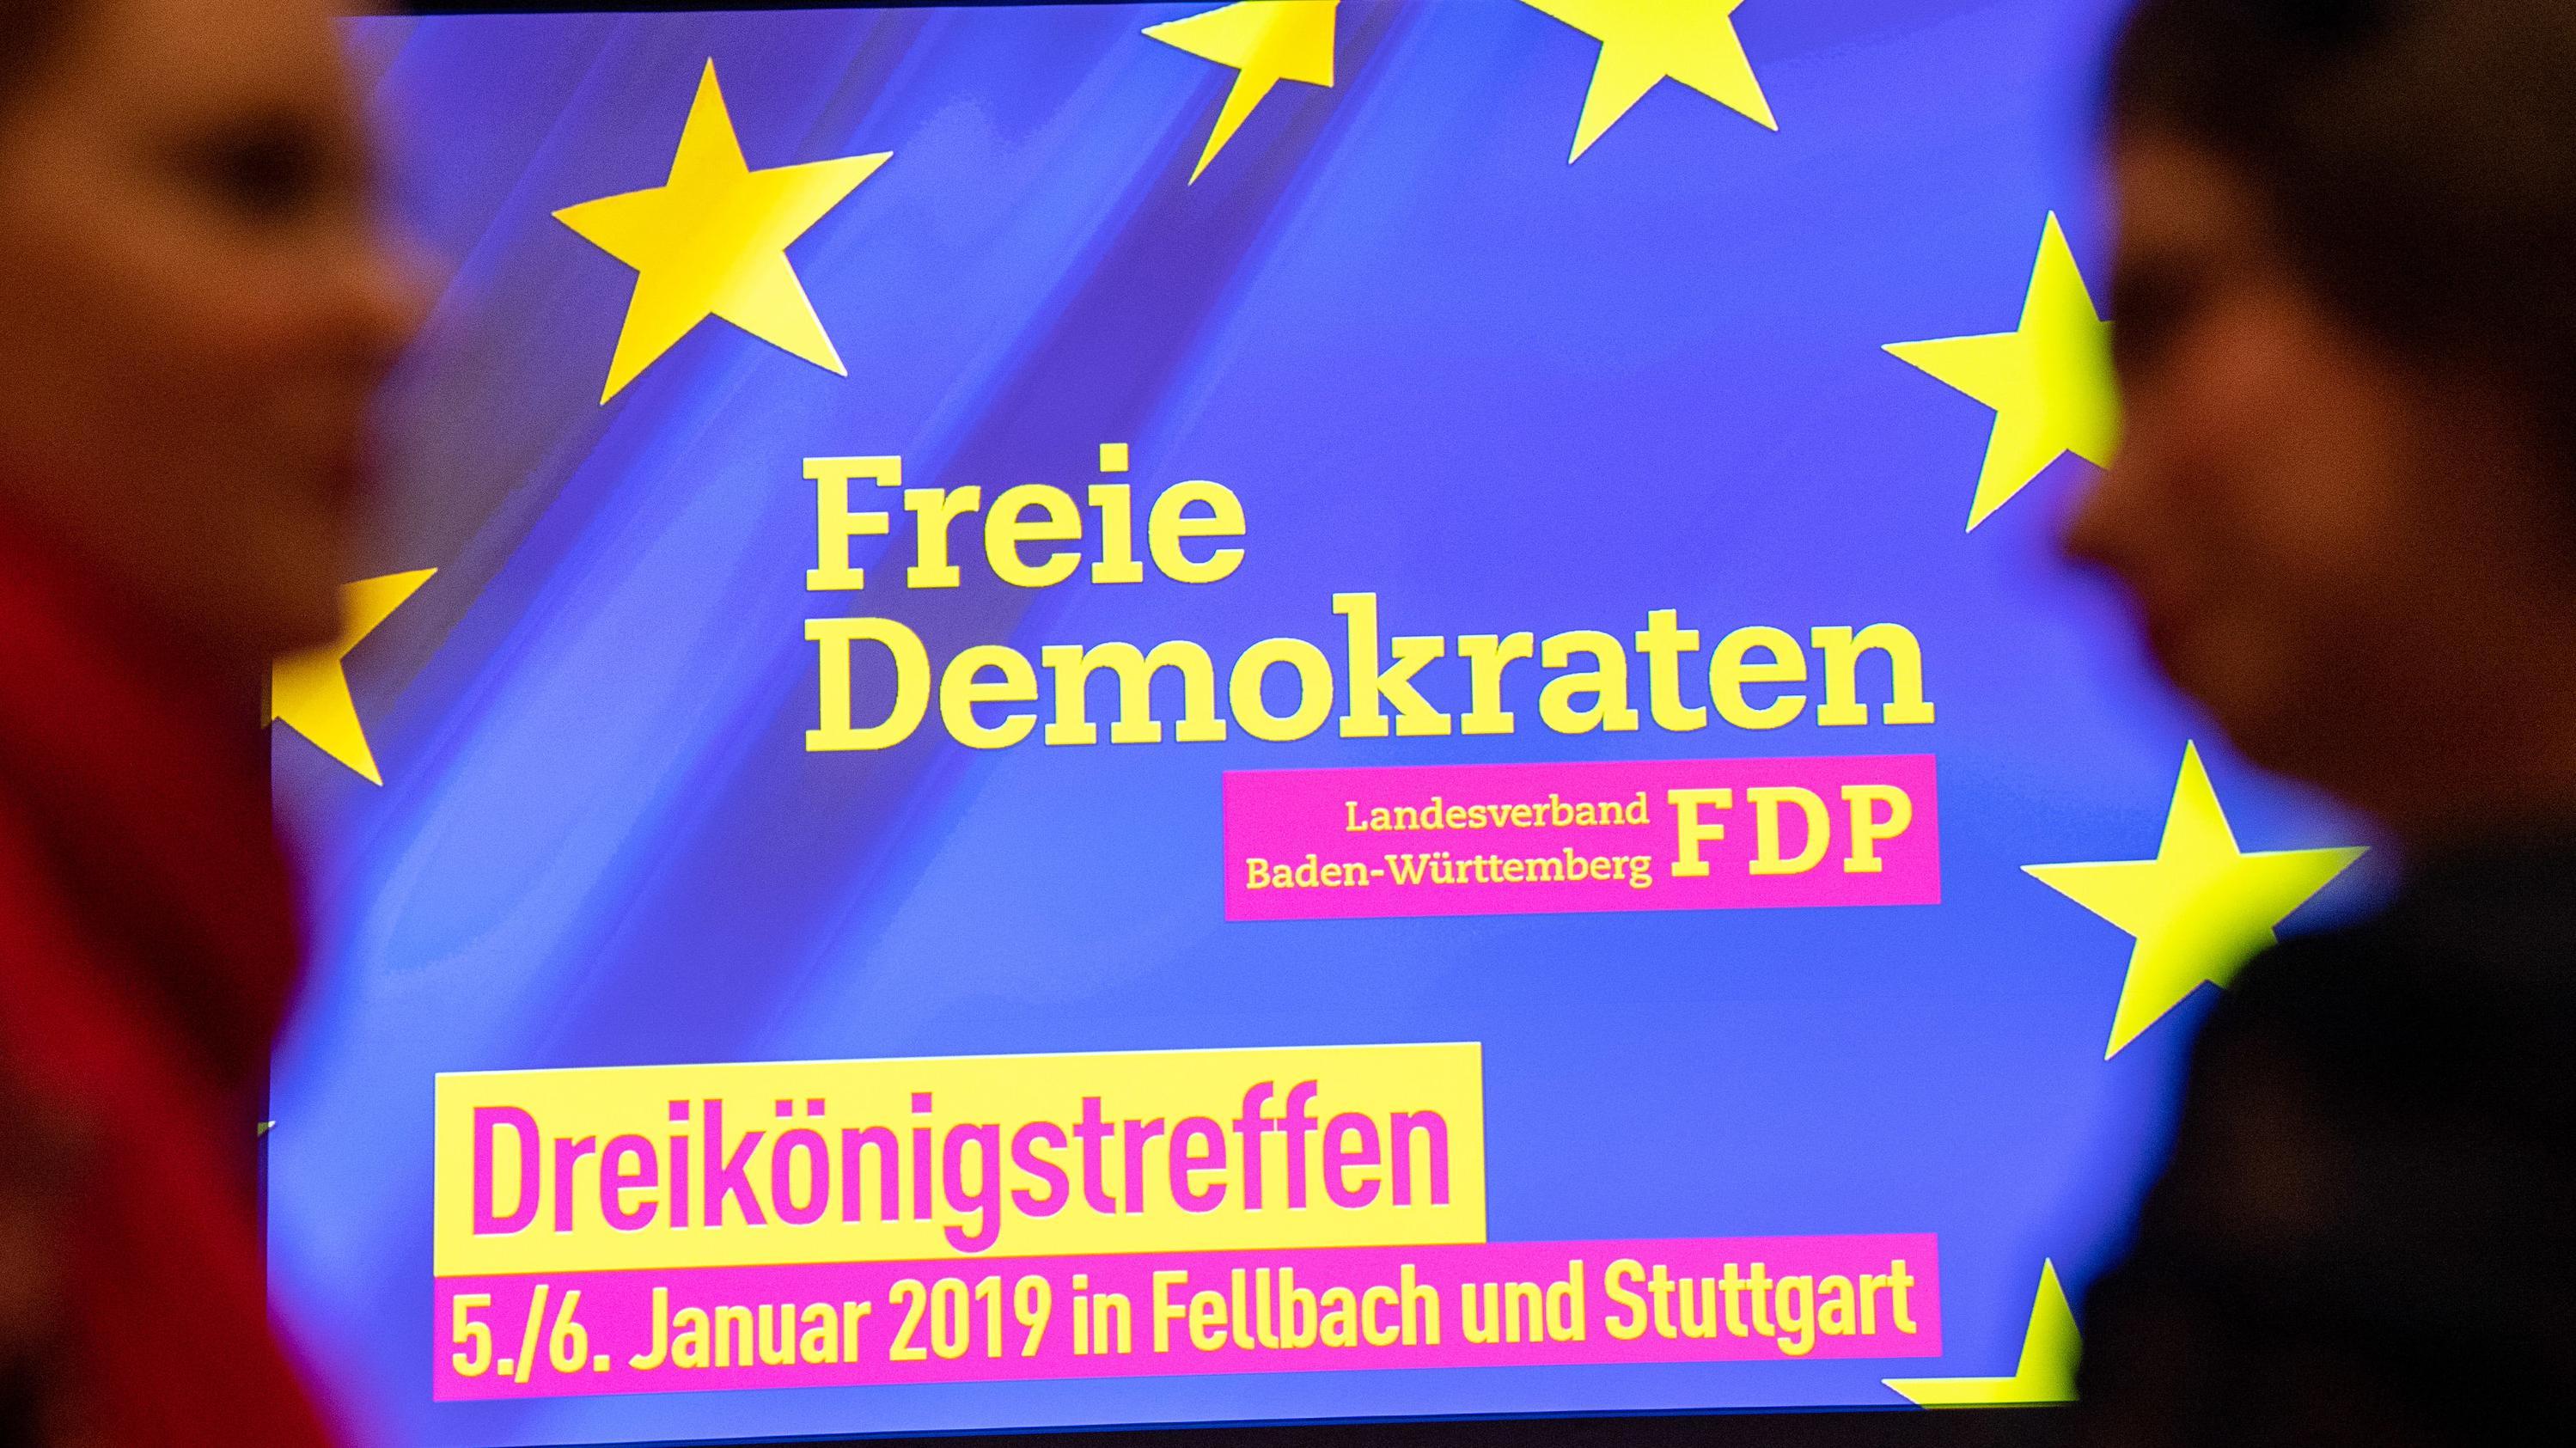 Dreikönigstreffen der FDP - Schriftzug auf dem Rednerpult